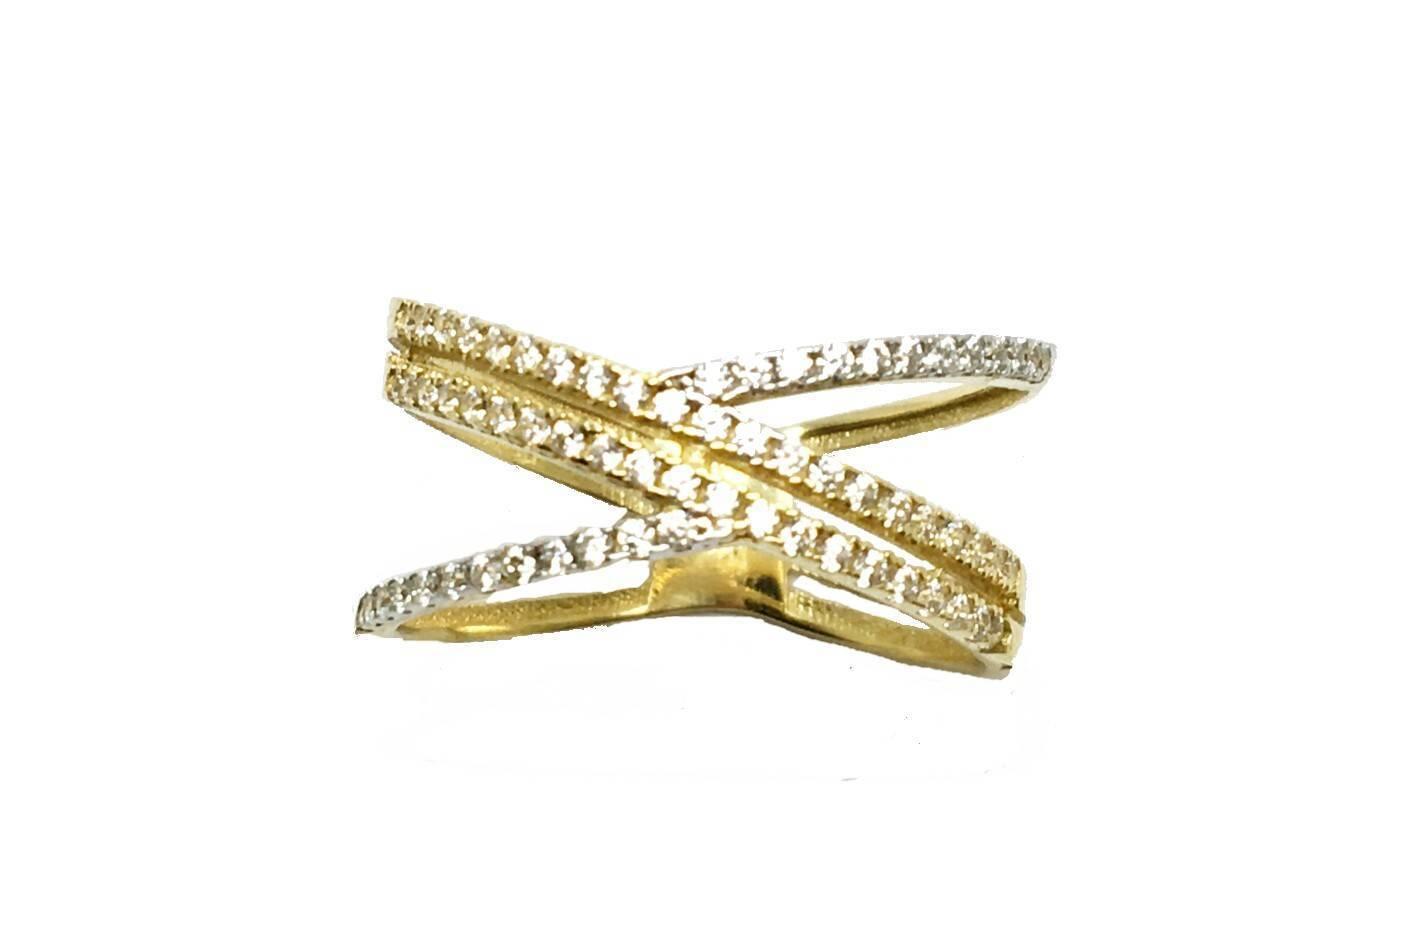 Sortija de oro bicolor Sortija de compromiso Joyería Juan Luis Larráyoz Pamplona comprar online joyería online